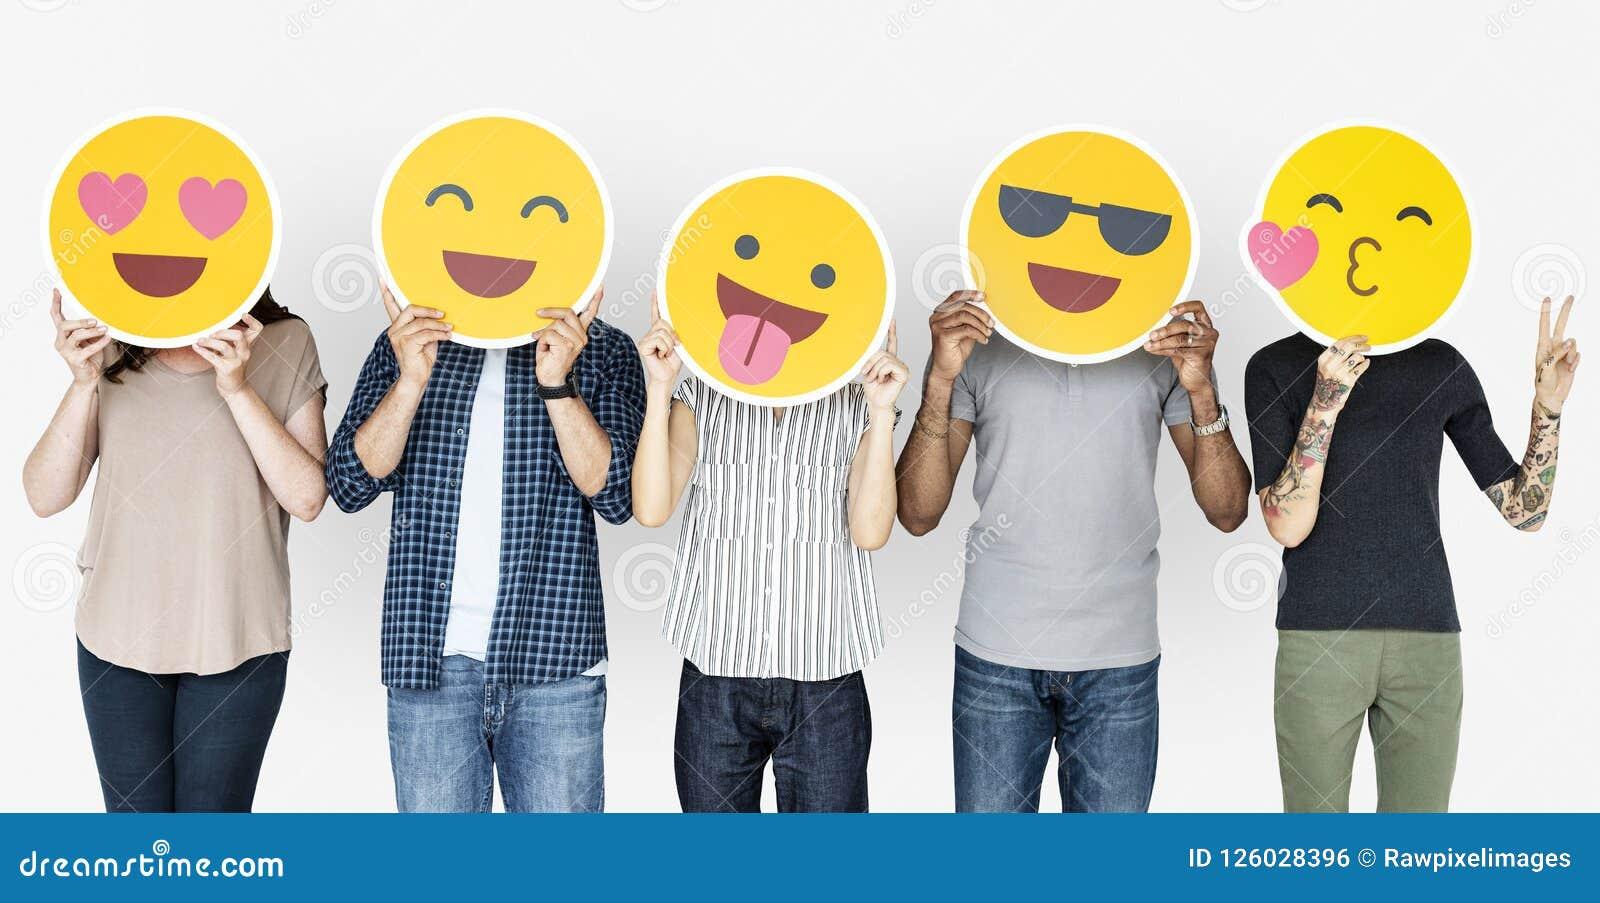 Diverse mensen die gelukkige emoticons houden